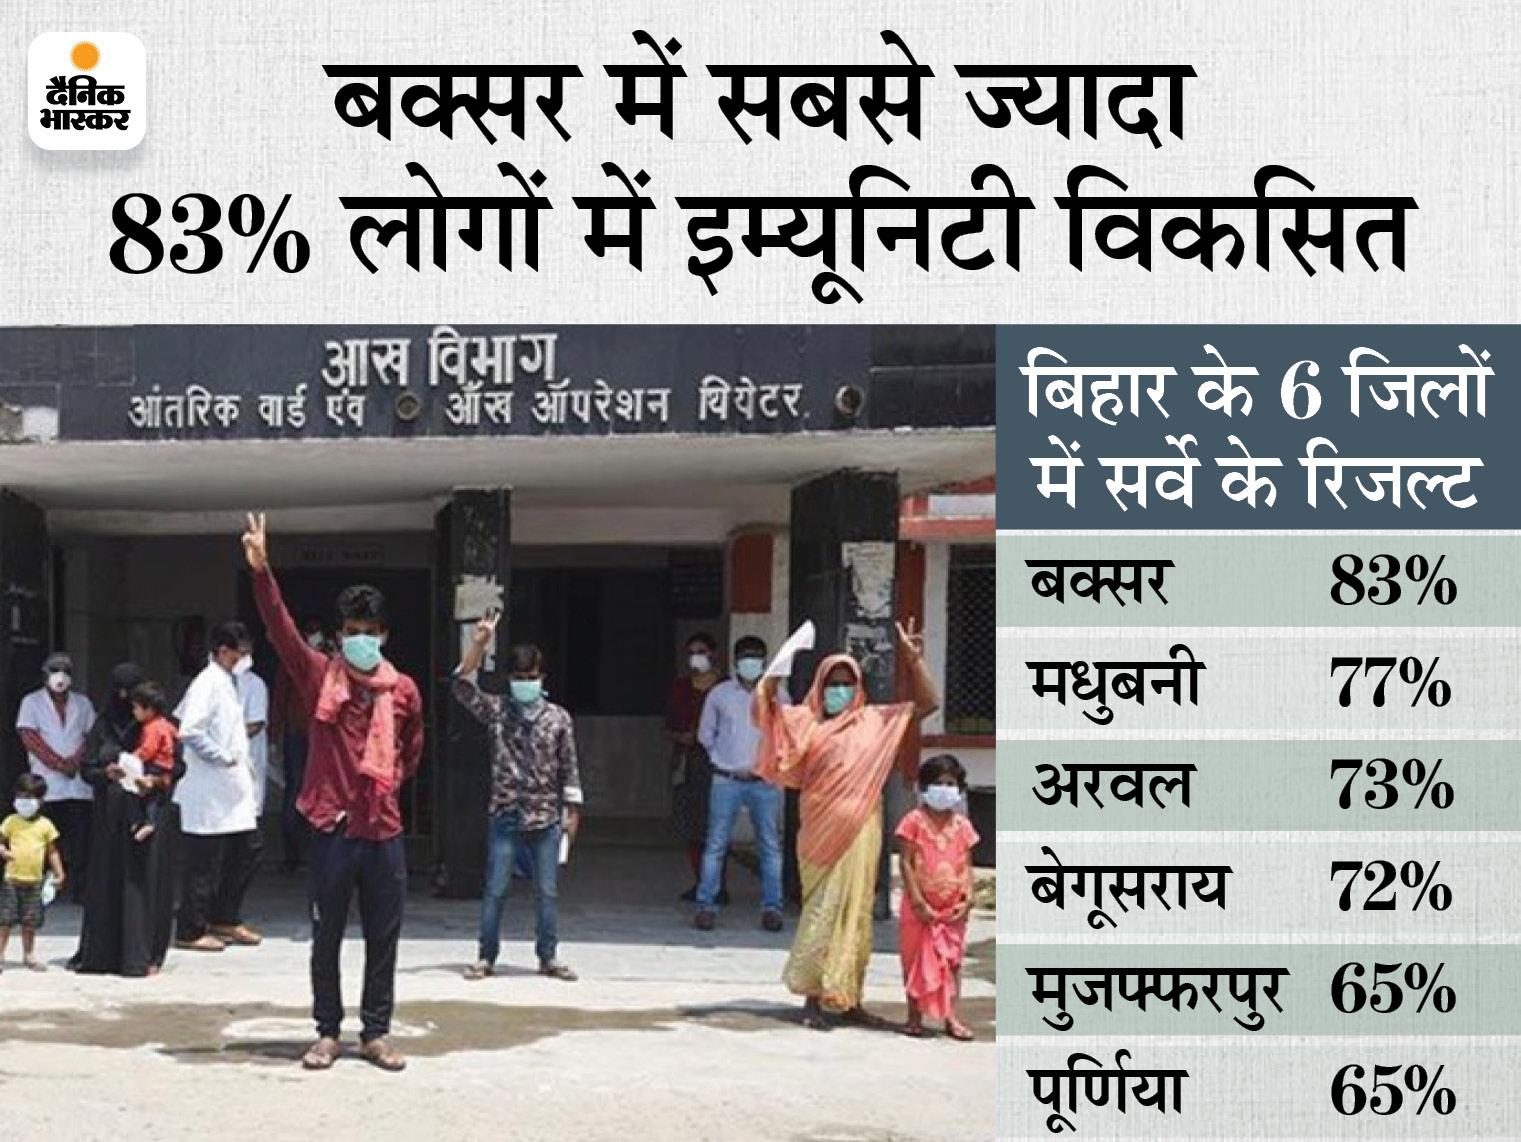 हर 4 में से 3 लोगों ने कोरोना से लड़ने की ताकत पाई, 73% आबादी में मिली वायरस से लड़ने की एंटीबॉडी|पटना,Patna - Dainik Bhaskar